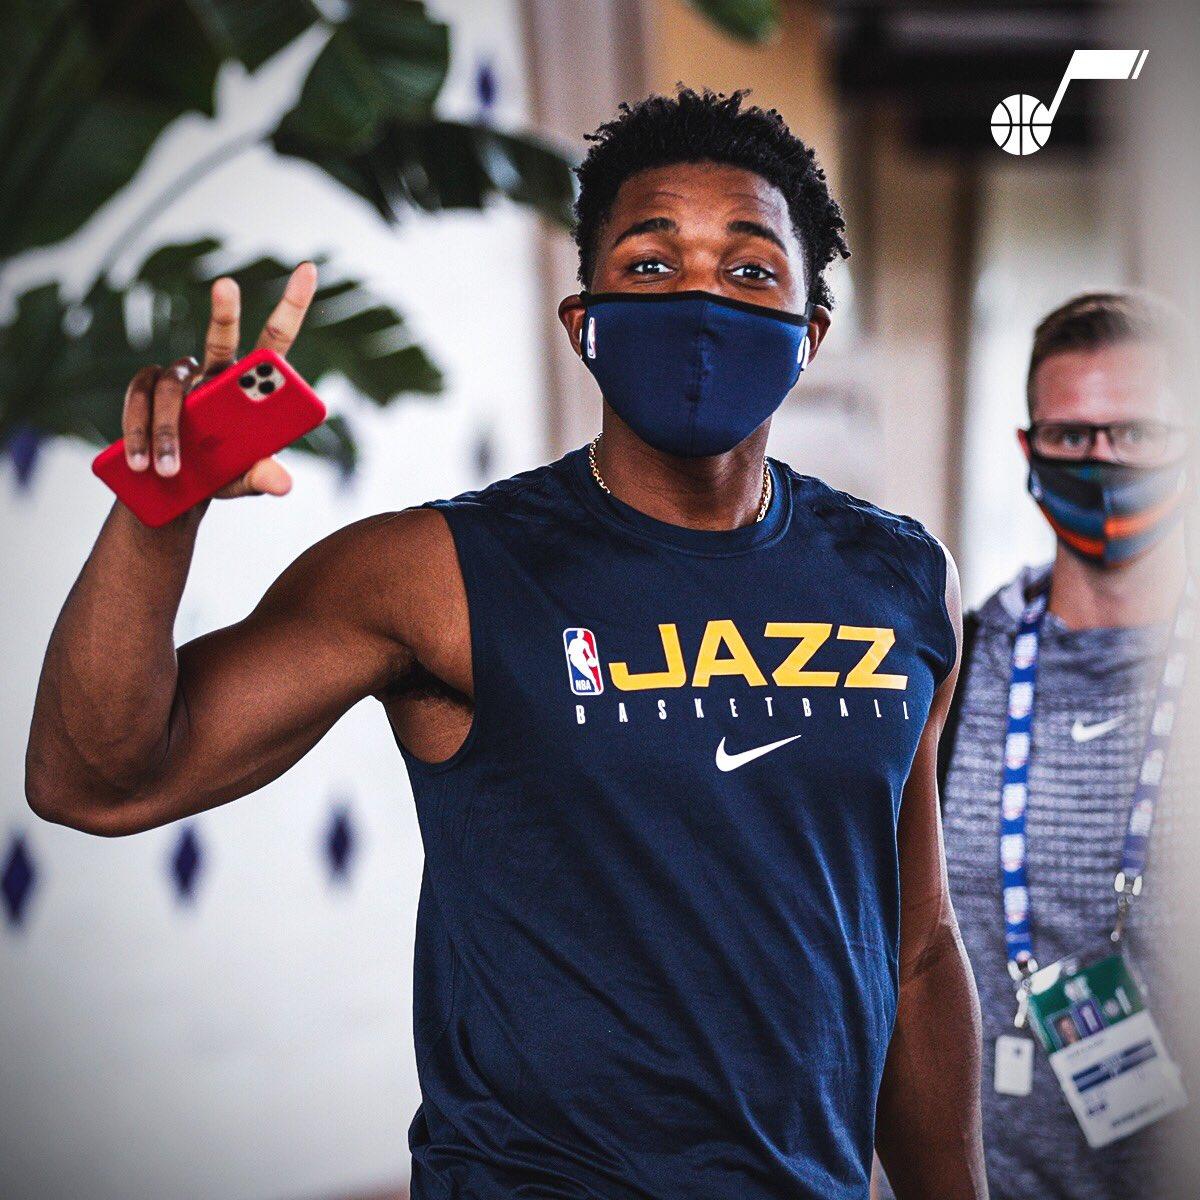 爵士官推发布球员在迪士尼园区内戴口罩图集:戴上口罩!